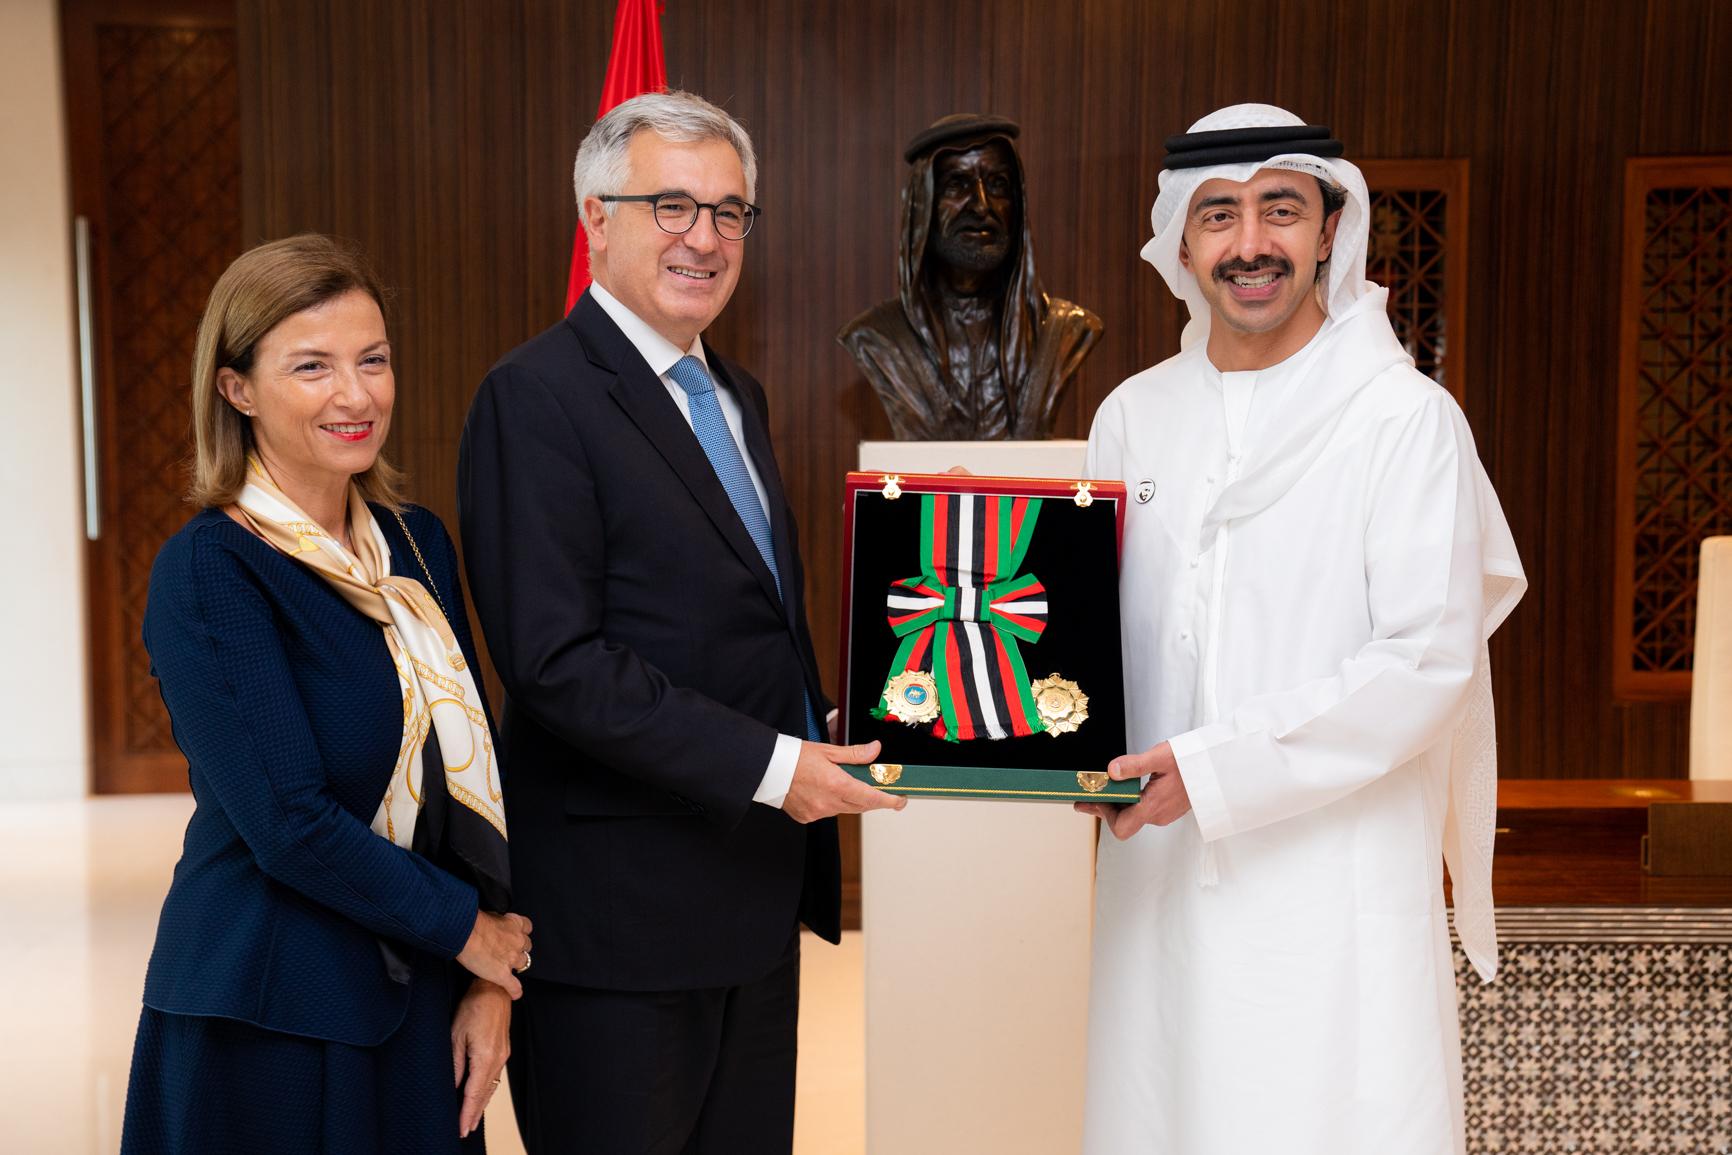 رئيس الدولة يمنح سفير إيطاليا وسام الاستقلال من الطبقة الأولى